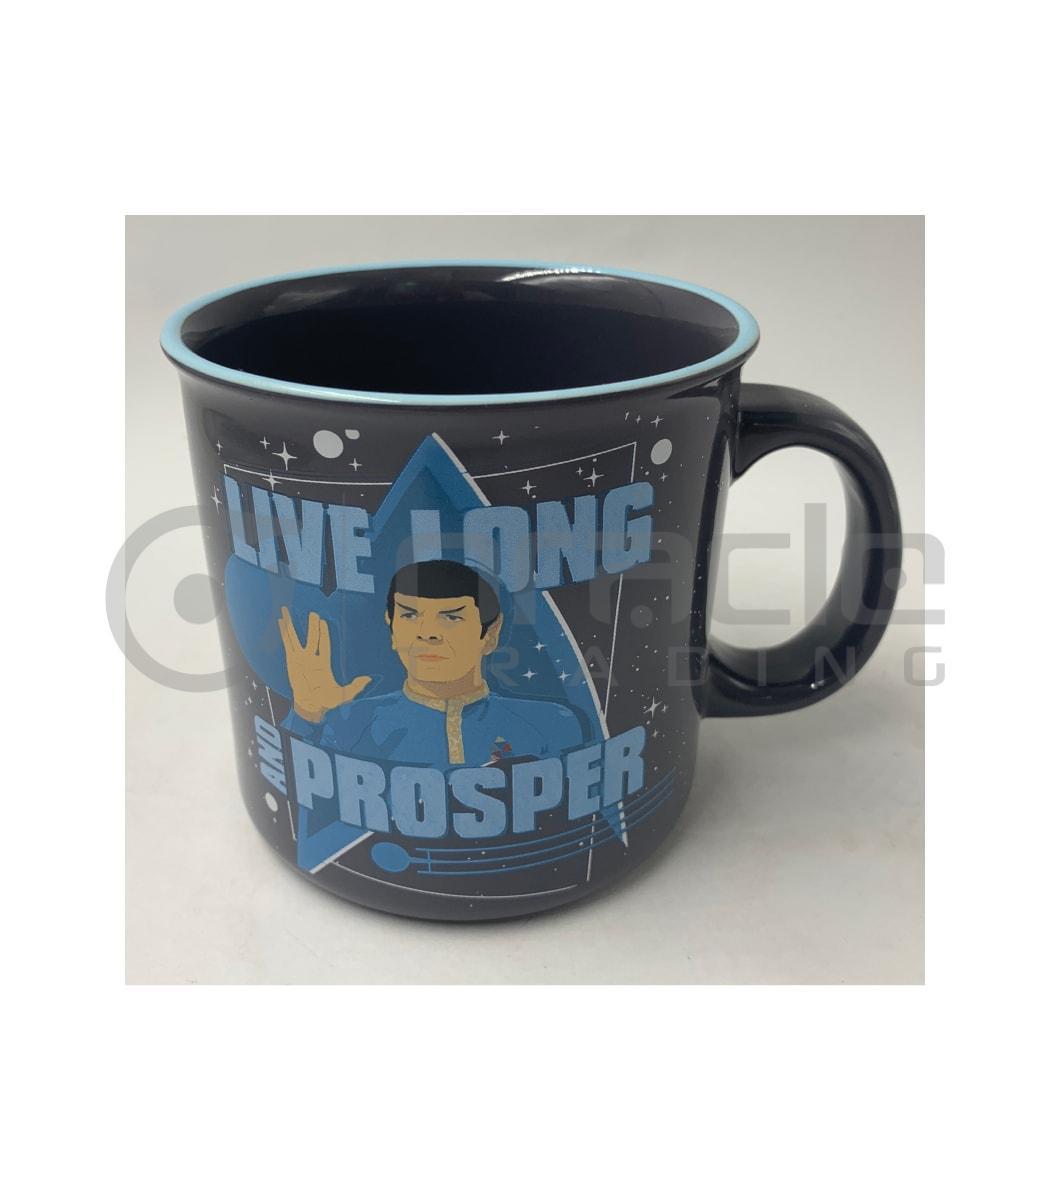 Star Trek Jumbo Camper Mug - Live Long & Prosper